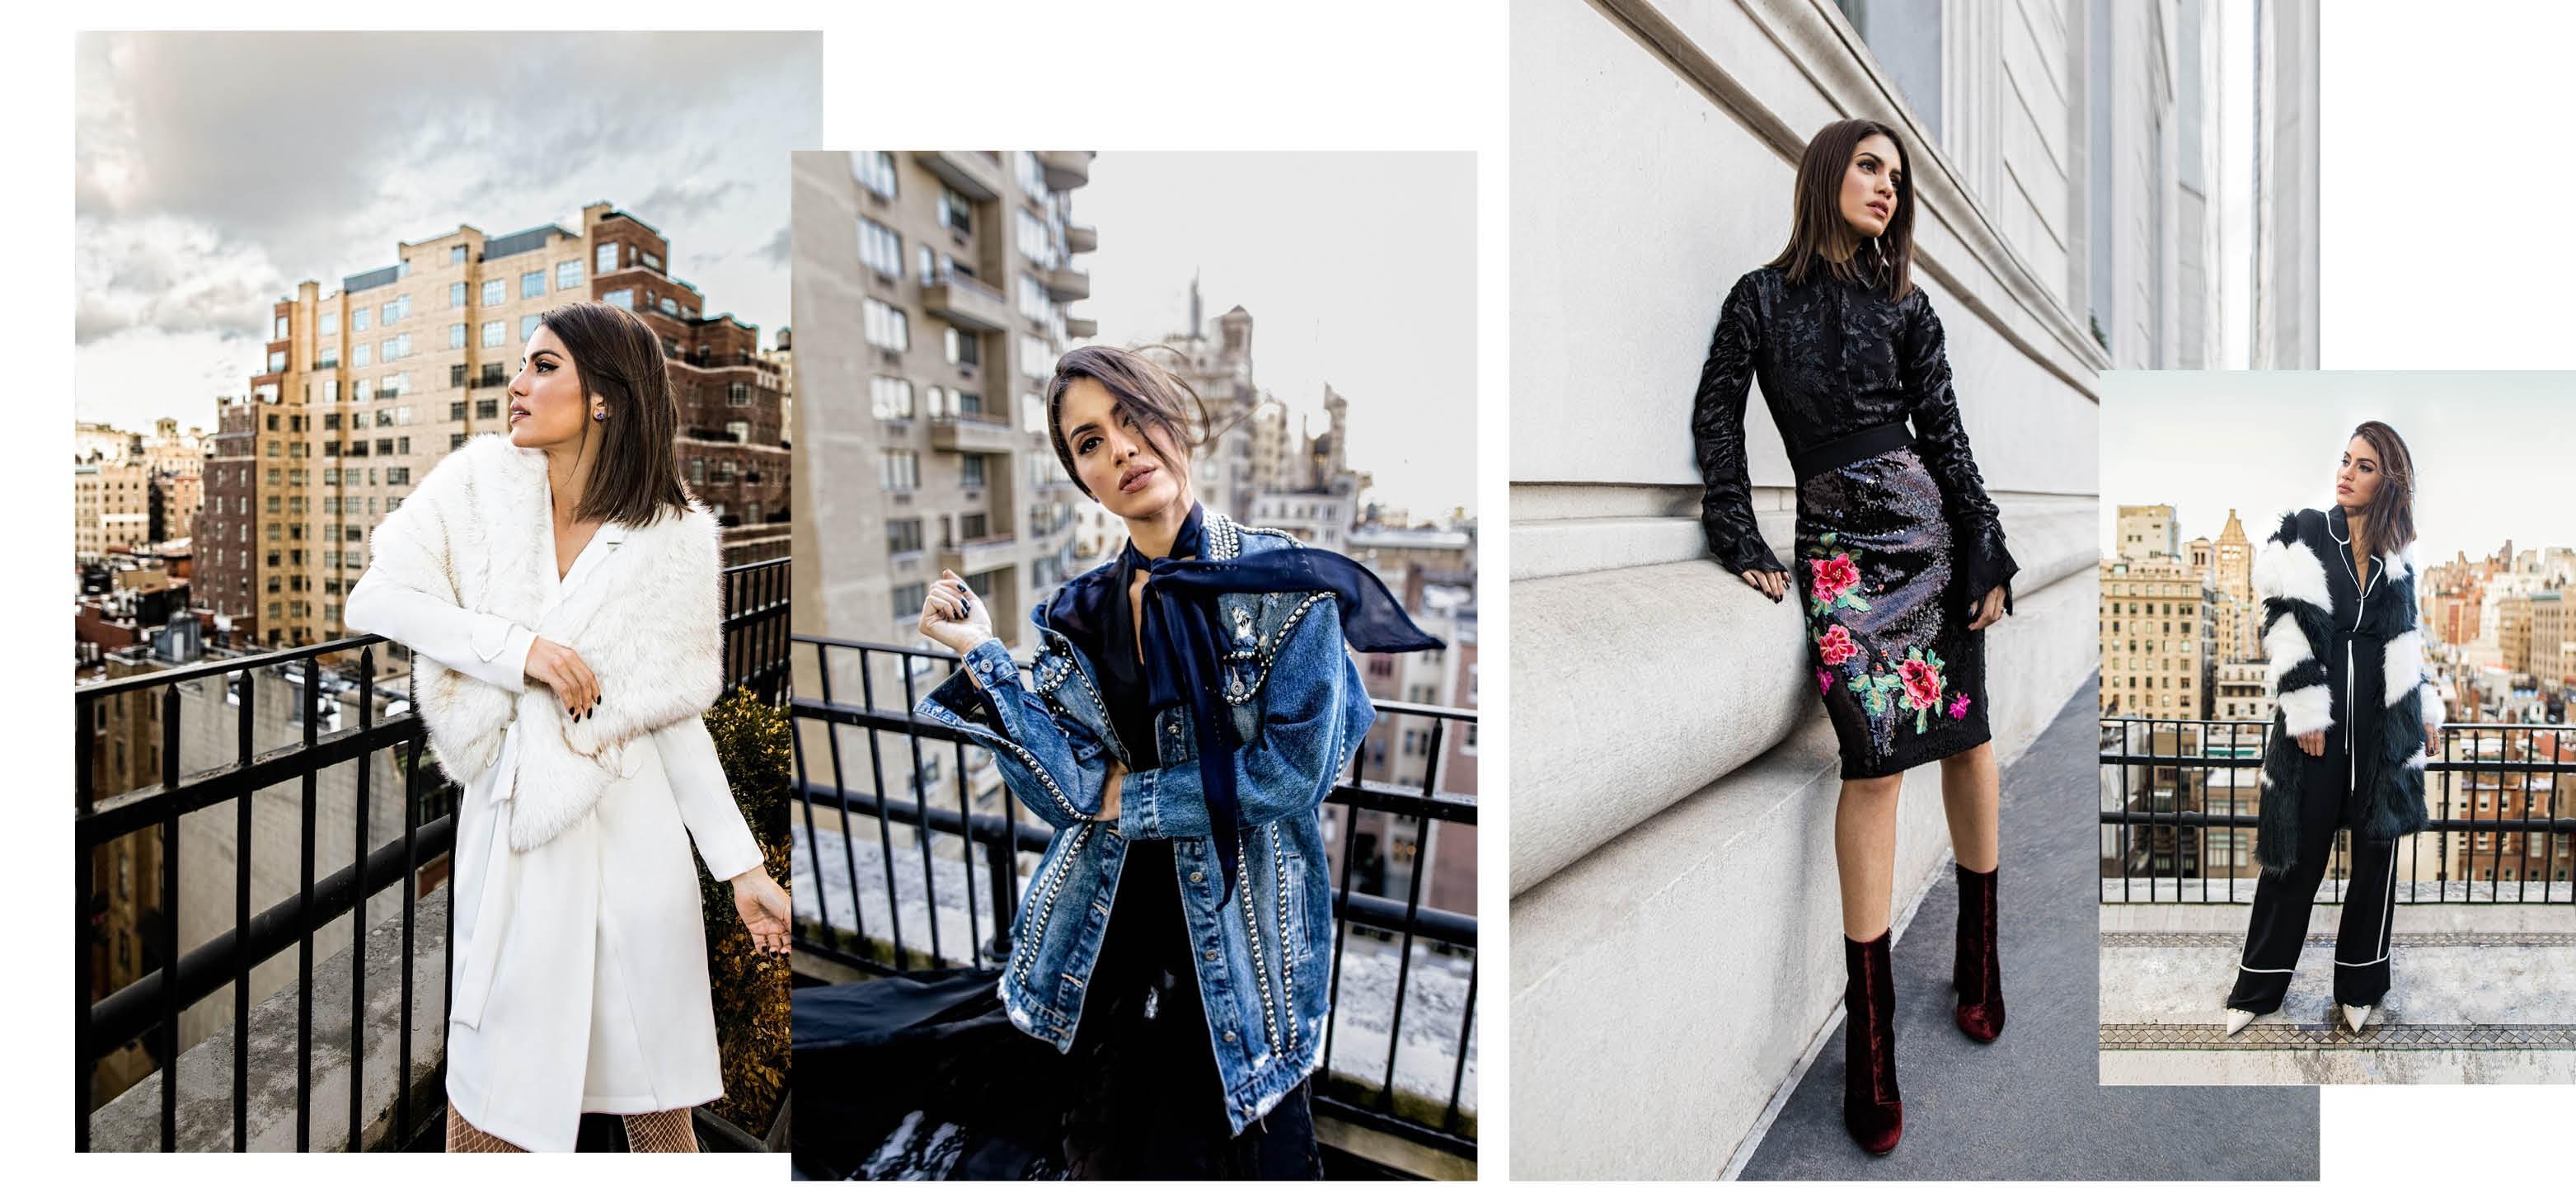 Mais fotos do shooting em Nova York com Camila Coelho. (Foto: Divulgação)